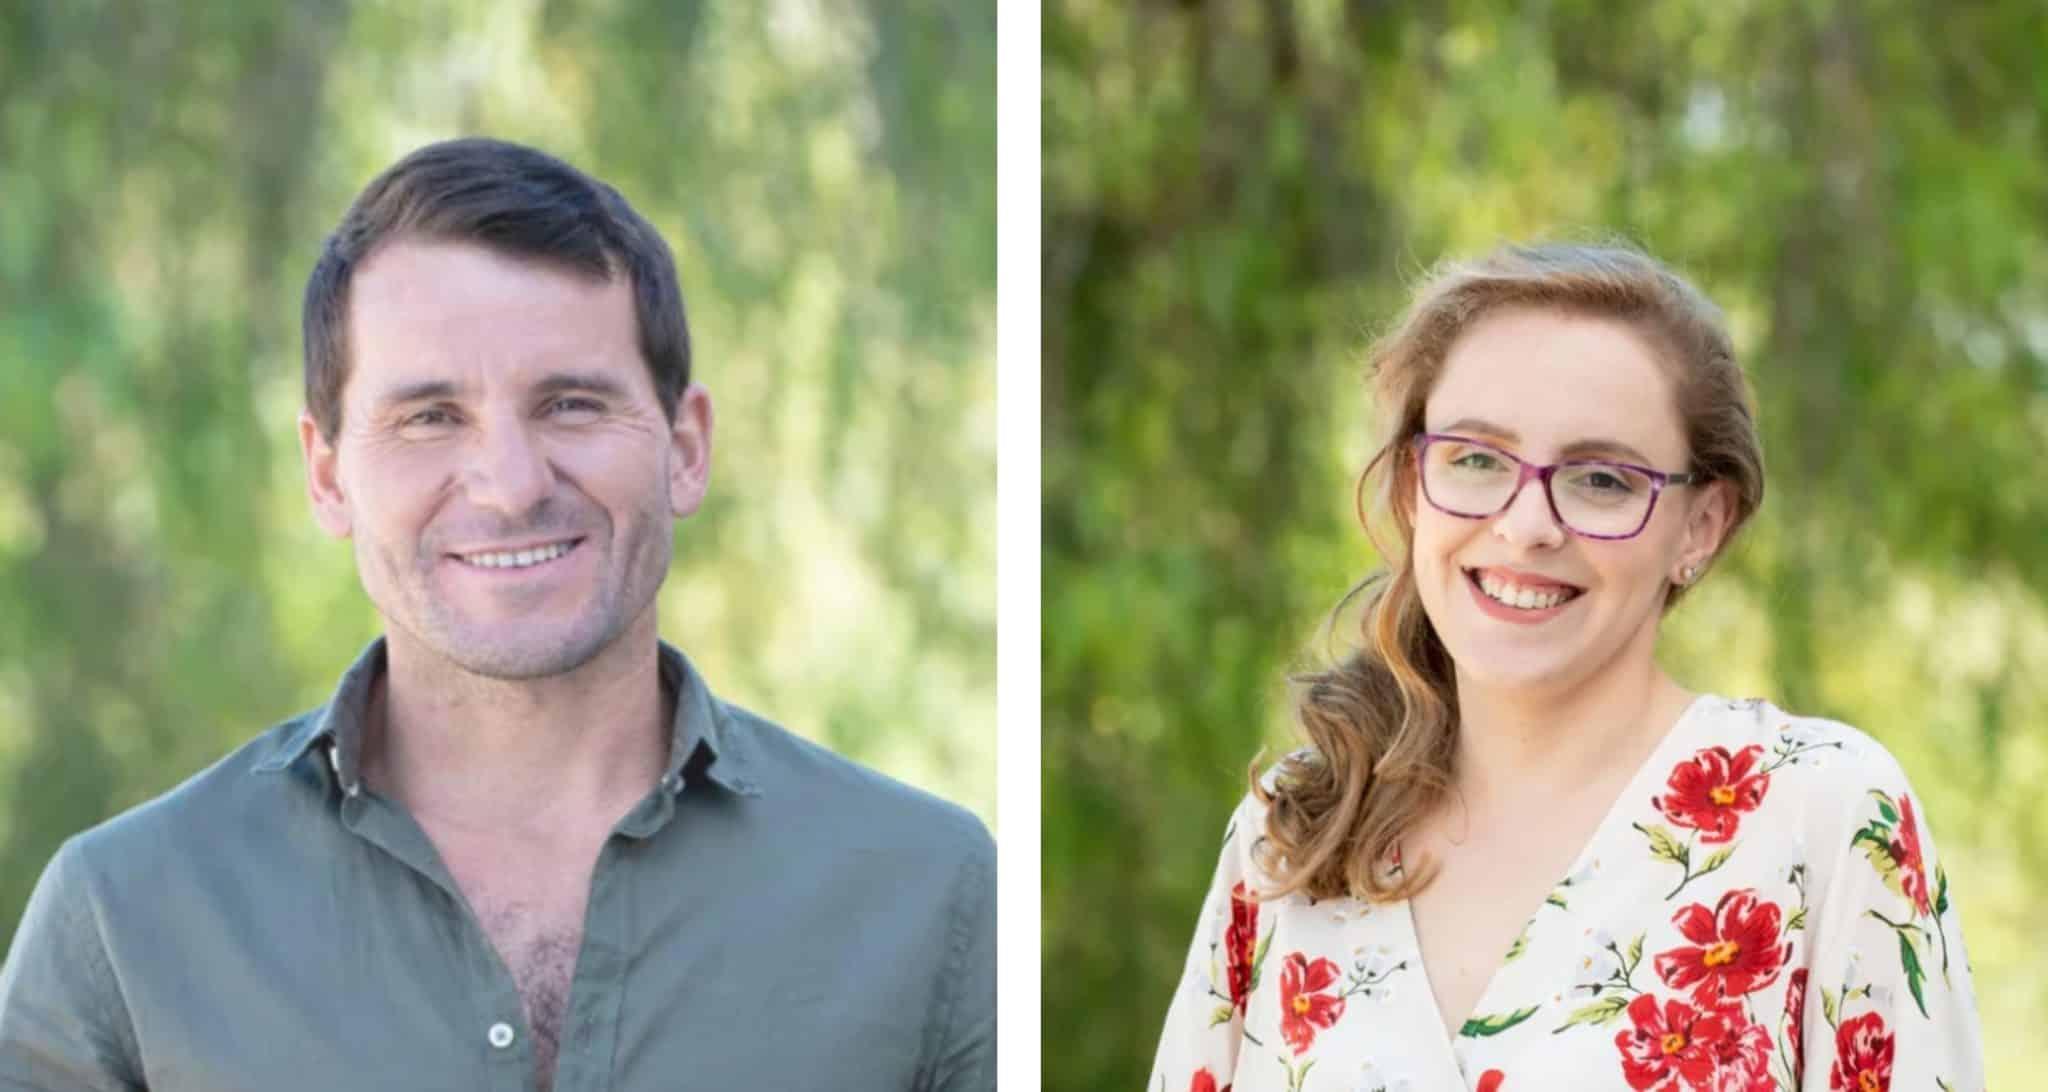 Quem Quer Namorar Com O Agricultor, Francisco Martins E Rita Ferreira